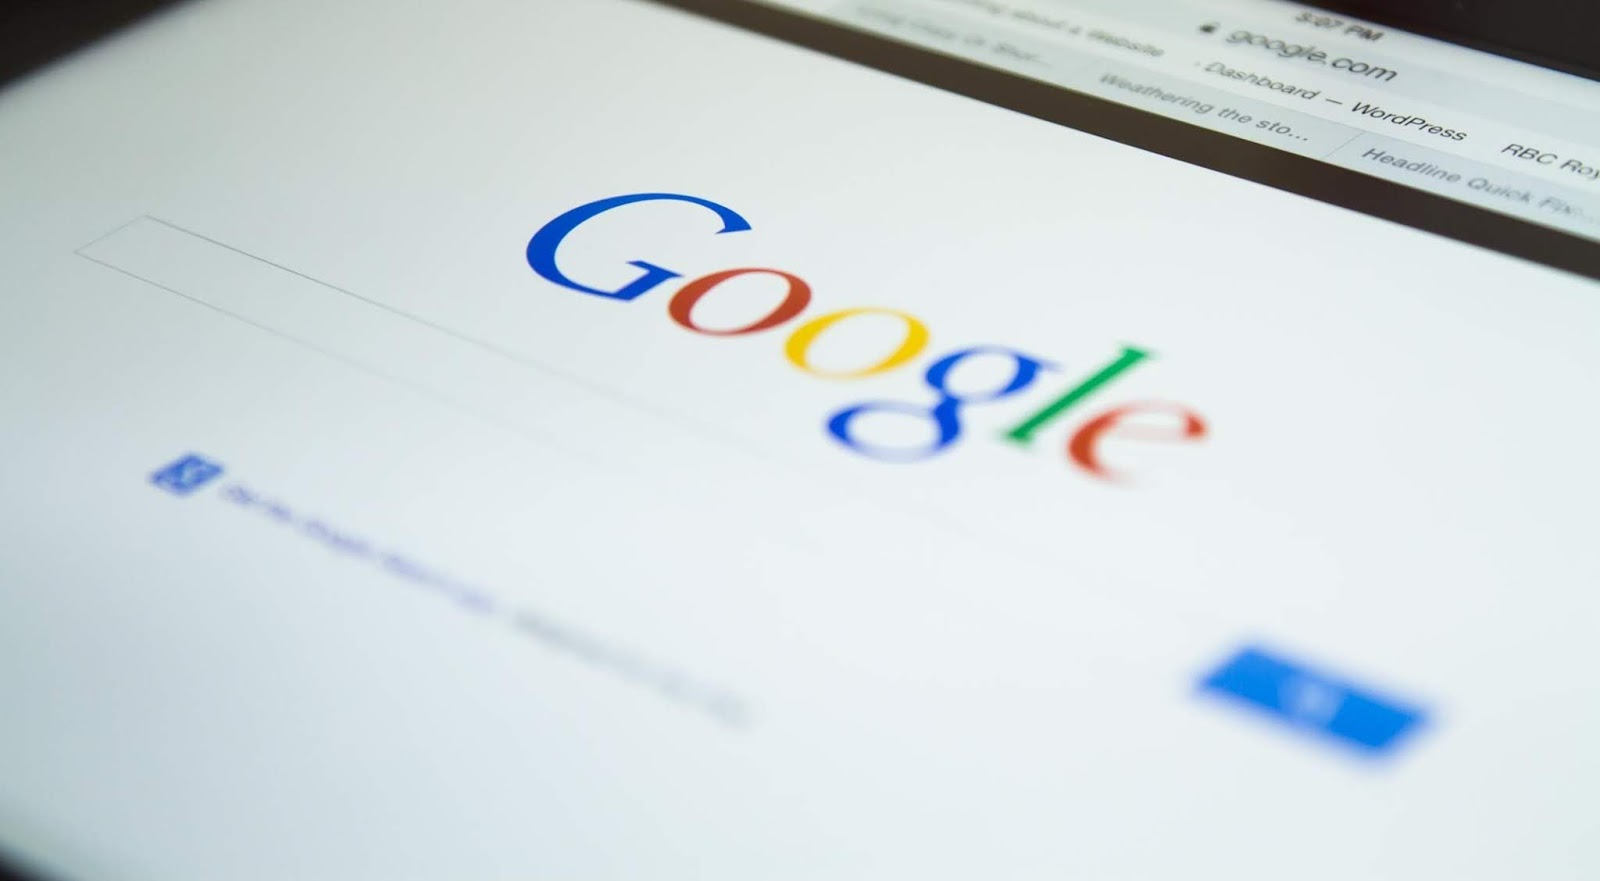 الفصل الثالت: المحتوى و عوامل تحسين محرك البحث